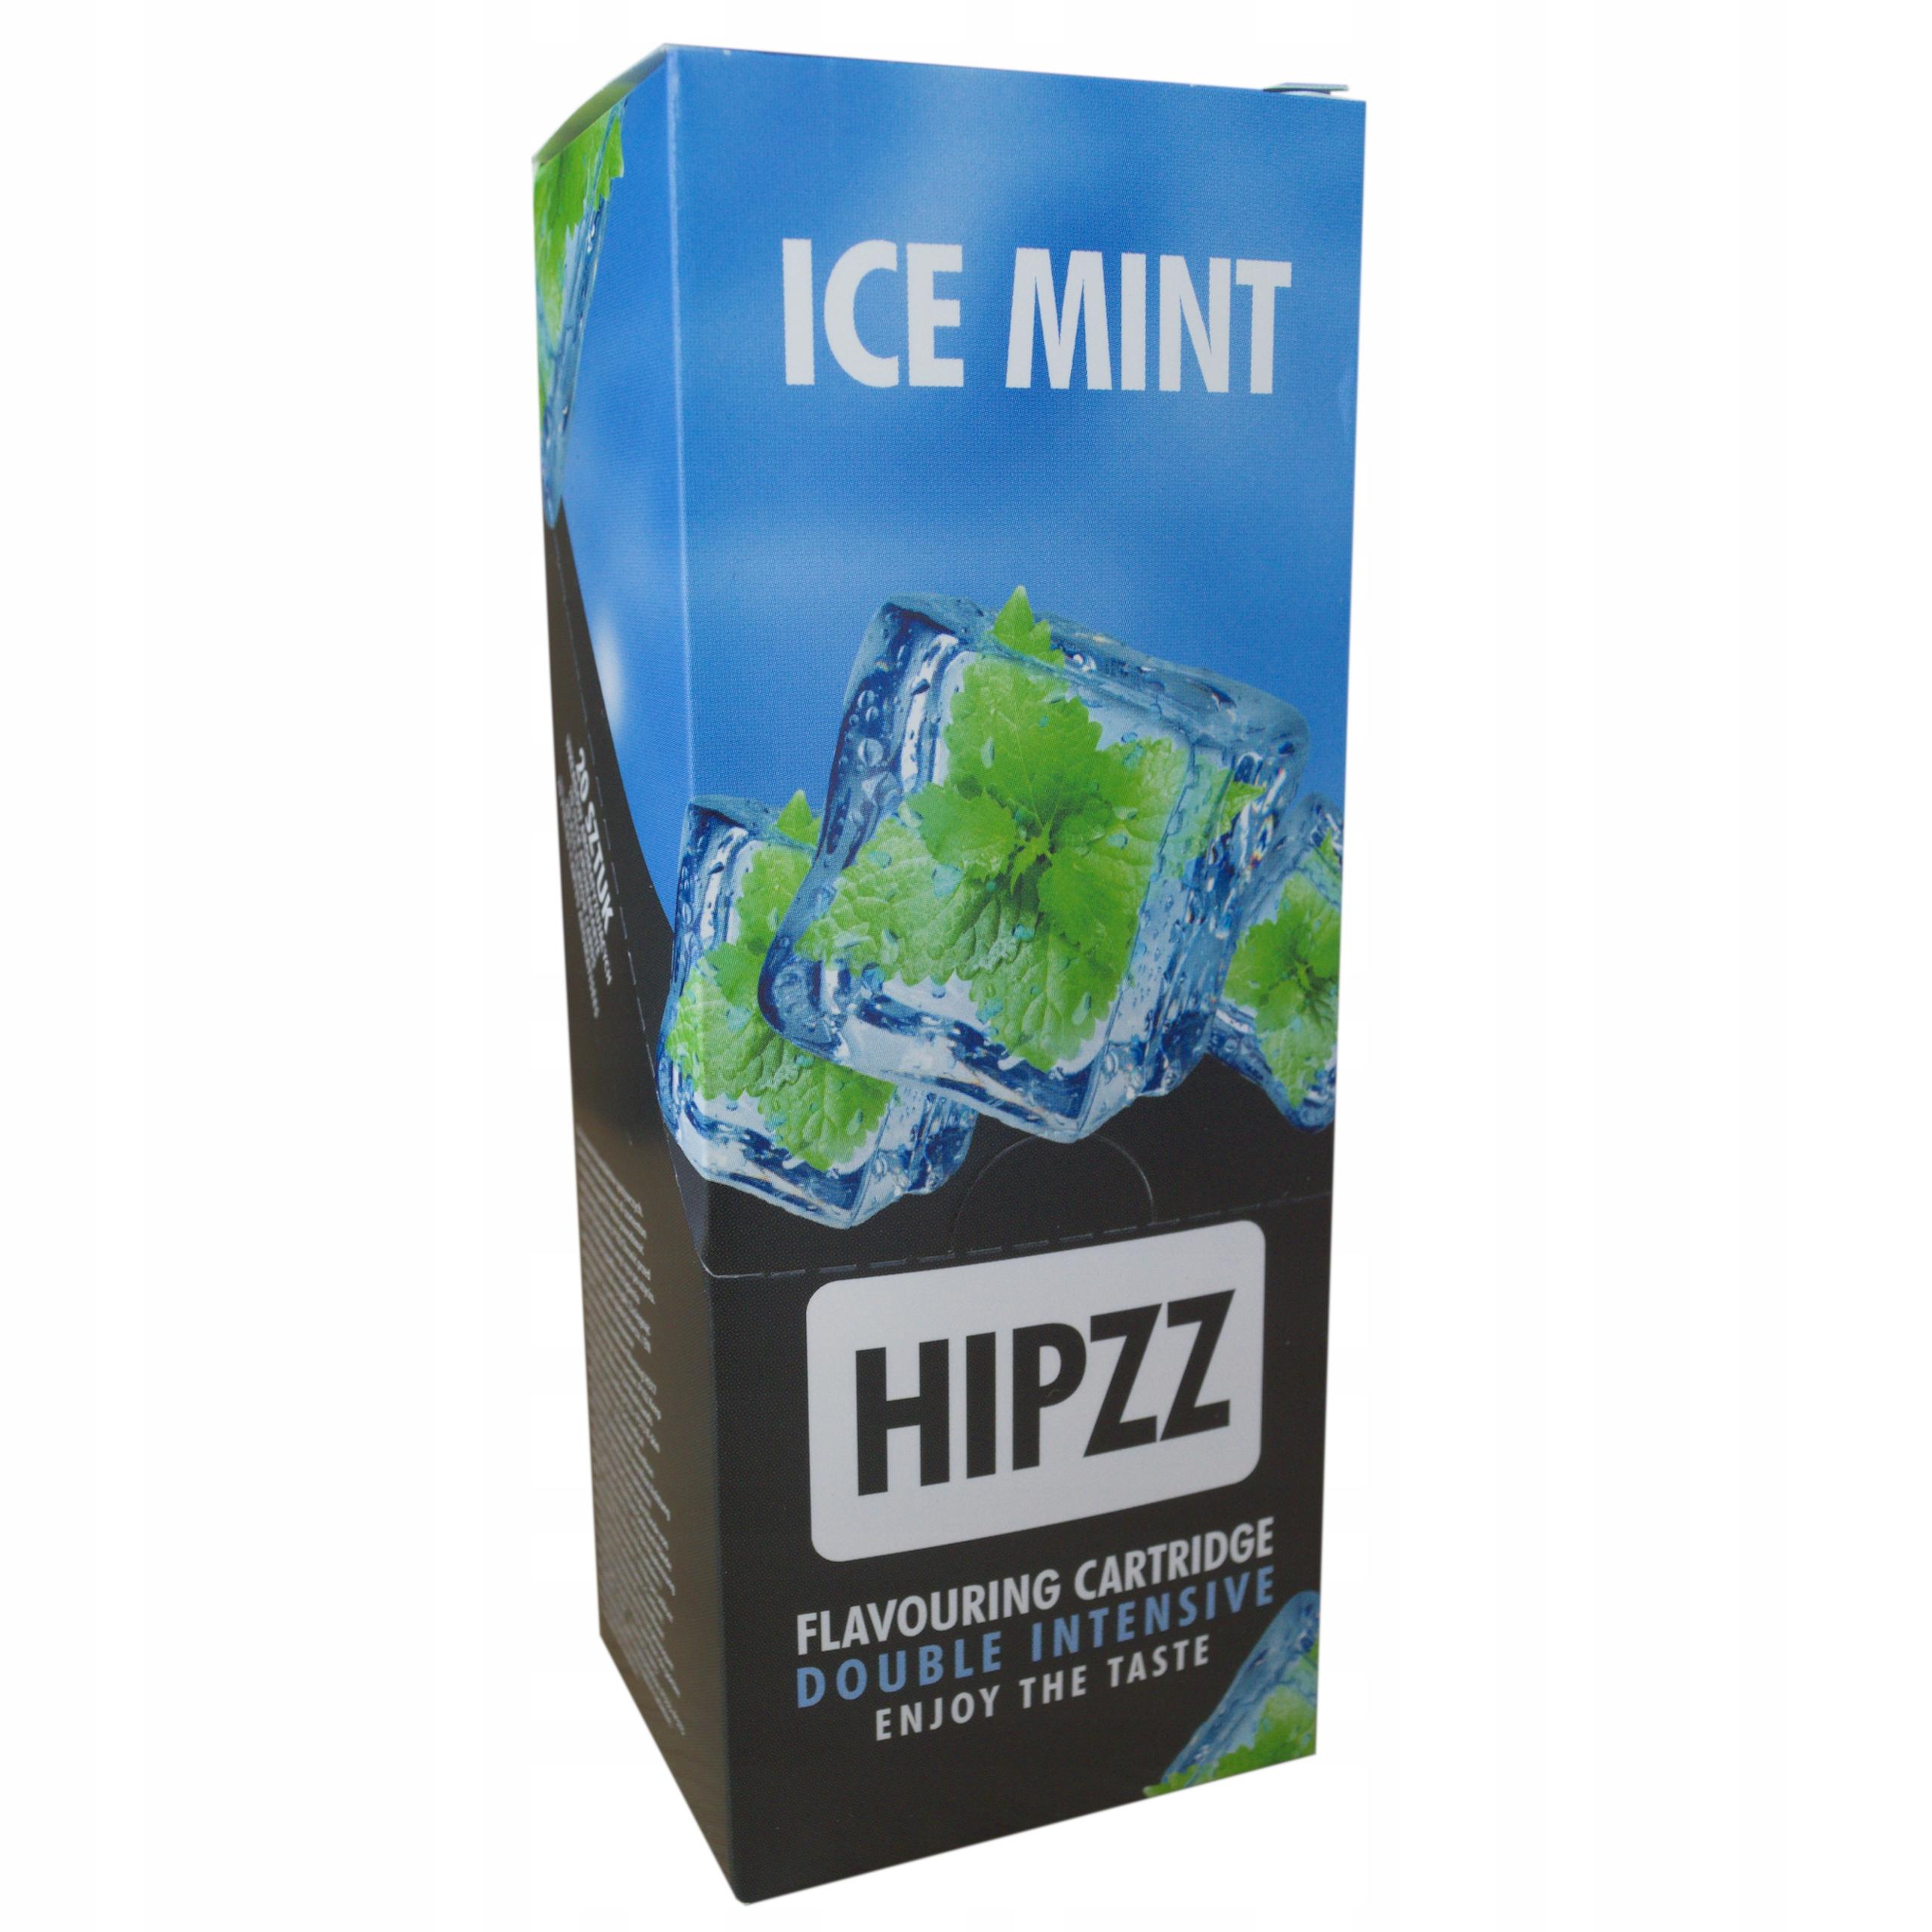 KARTA AROMATYZUJąCA PAPIEROS HIPZZ ICE MINT 10 SZT